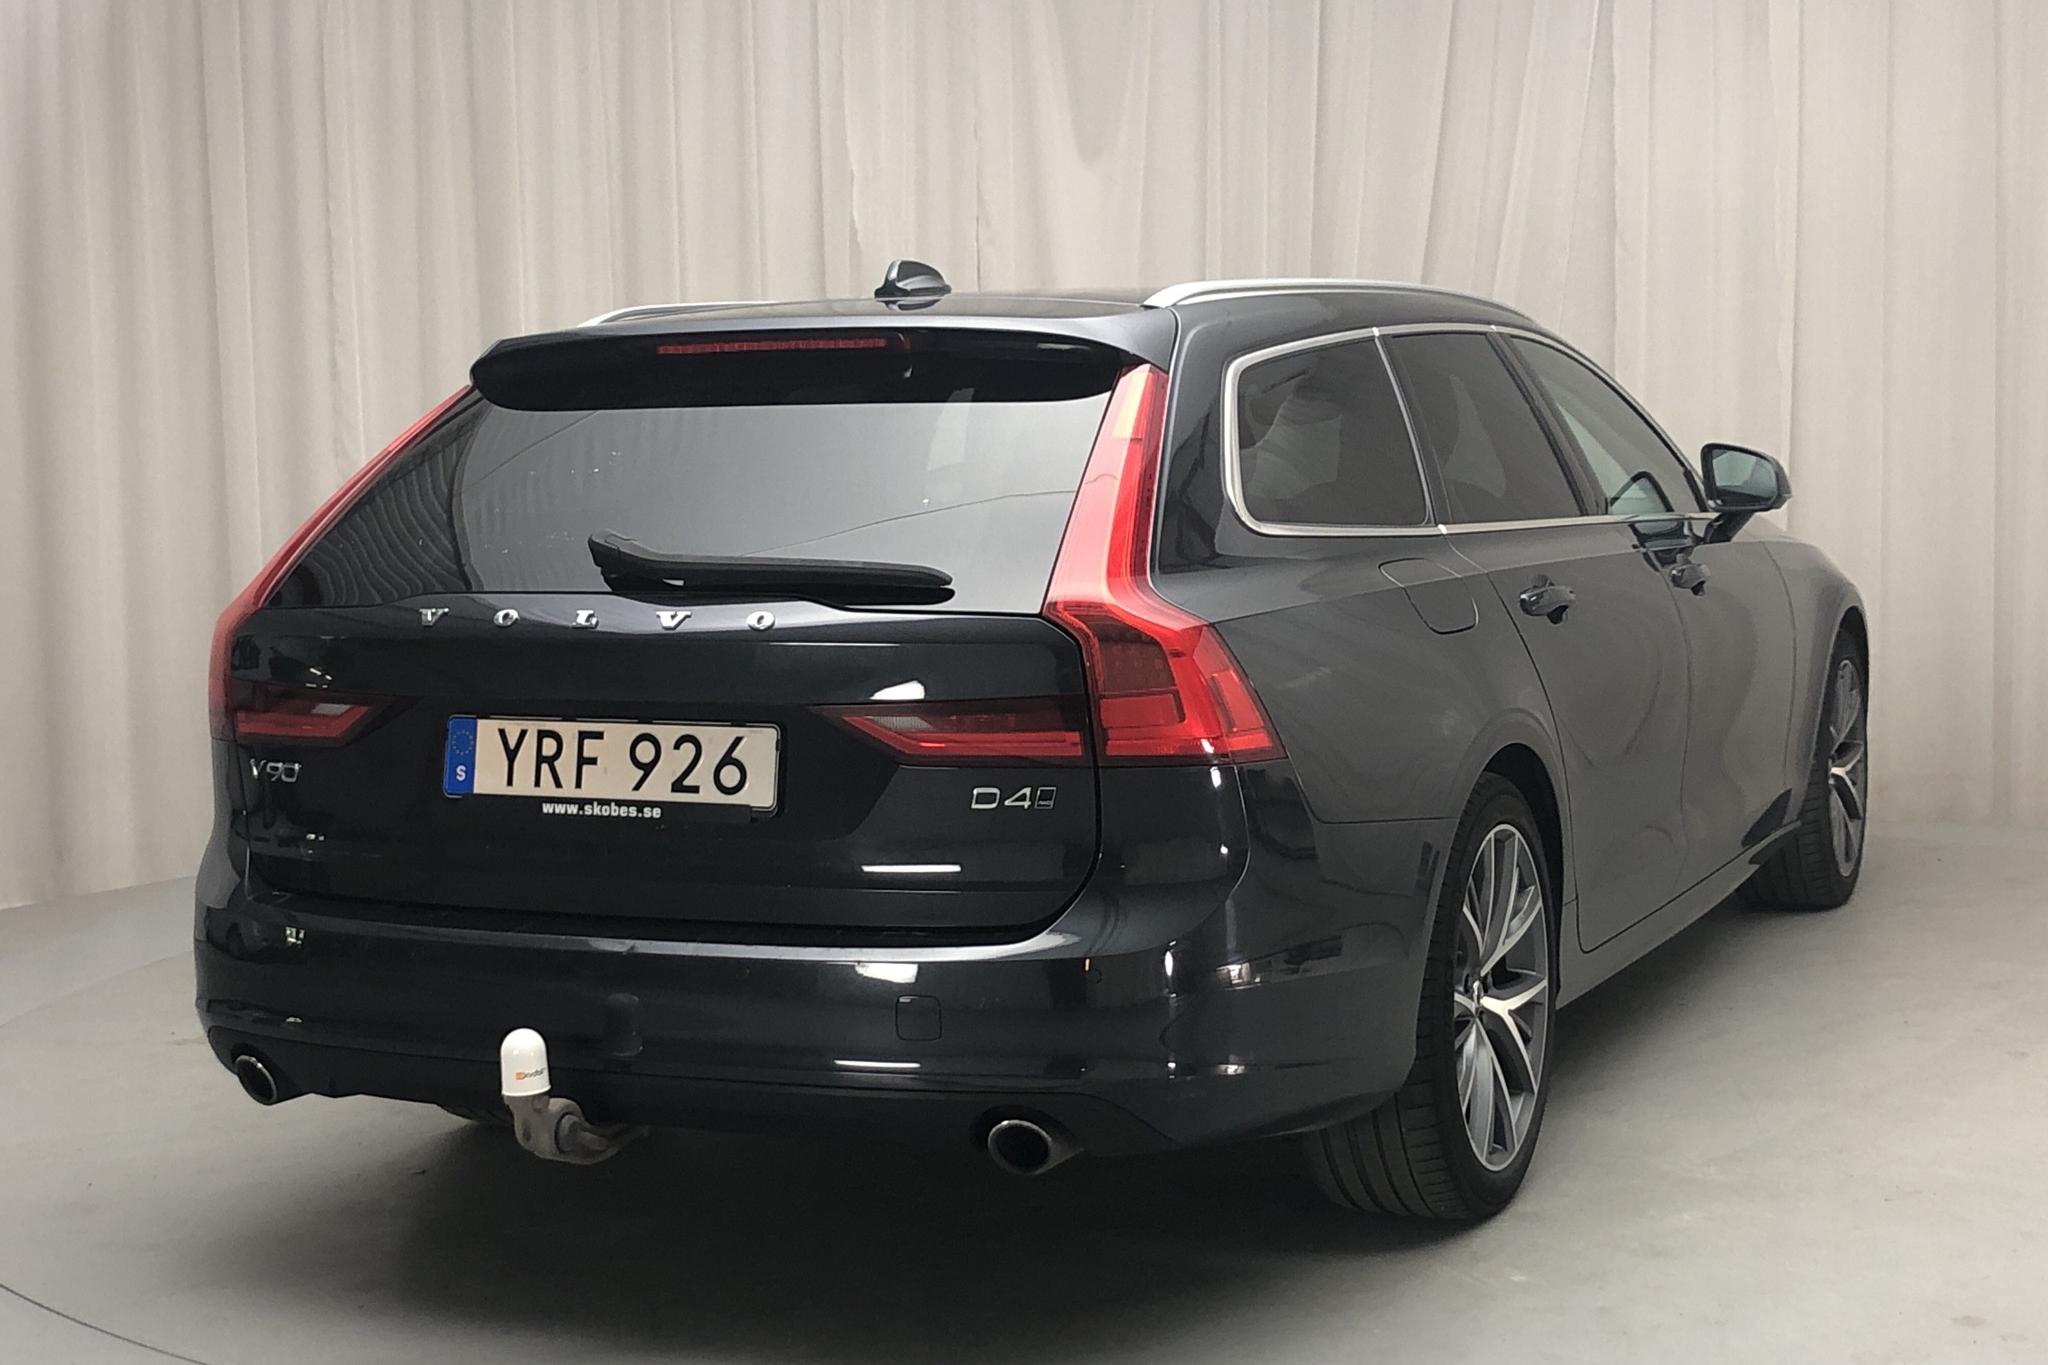 Volvo V90 D4 AWD (190hk) - 86 400 km - Automatic - gray - 2019